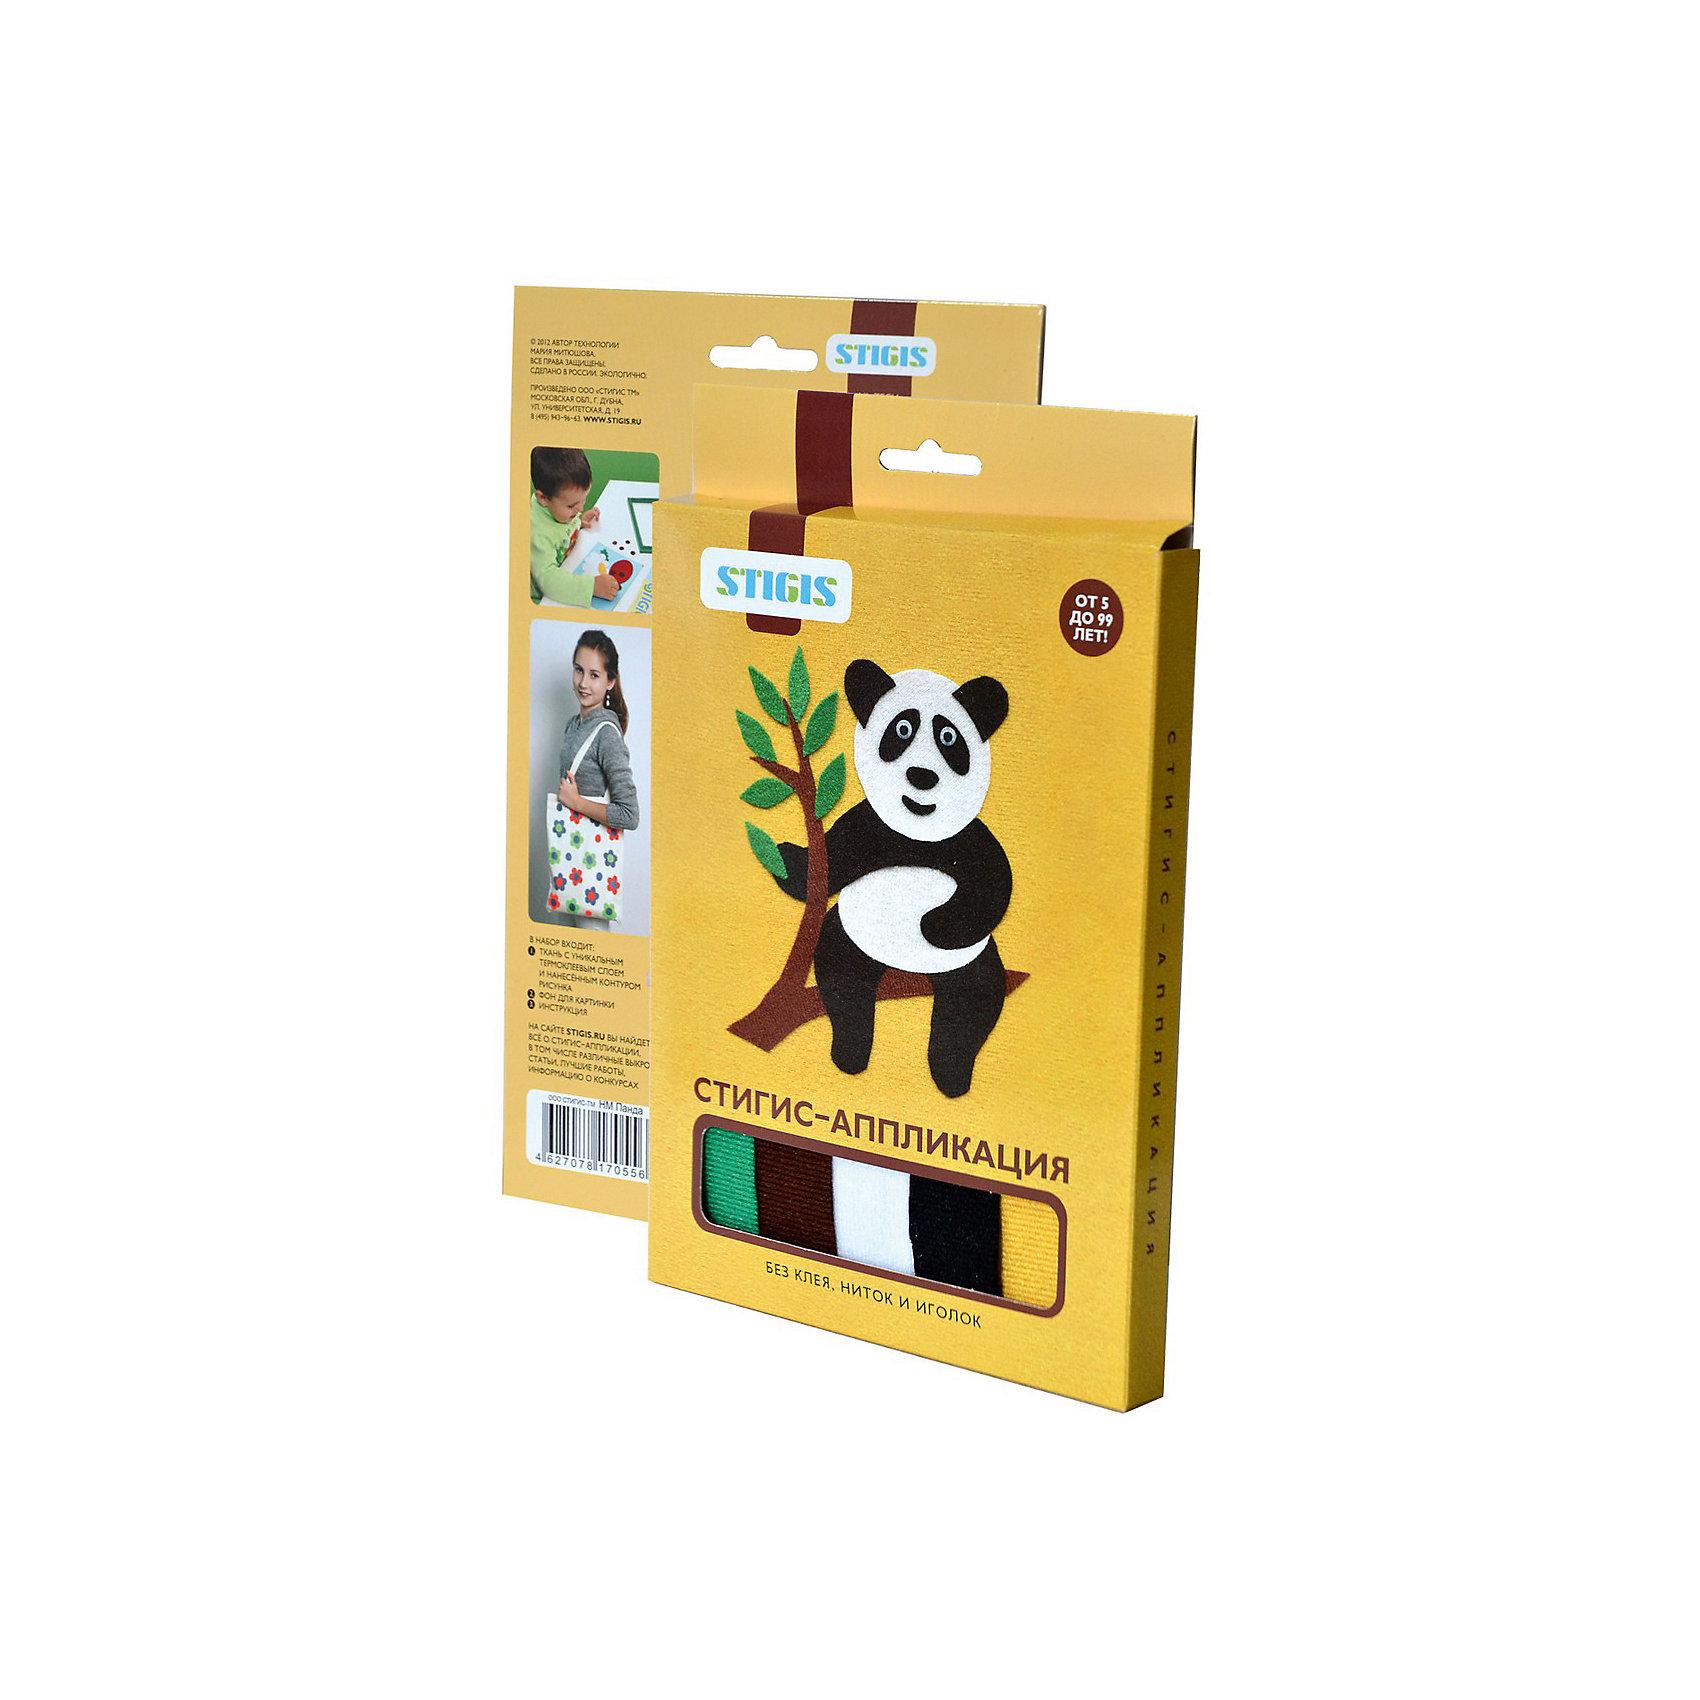 Стигис-аппликация картинка ПандаСтигис-аппликация Панда - отличный набор для детского творчества. Для создания яркой и необычной картины нужно вырезать детали из ткани с термоклеящимся слоем, выложить их на основу и прогладить с помощью утюга. Панда готова! Поделкой ребенок с удовольствием похвастается перед друзьями или оставит в подарок. Замечательный выбор для развития творческих навыков!<br><br>Дополнительная информация:<br>В комплекте: основа, ткань с контурами деталей, инструкция<br>Размер: 1,5х23х15 см<br>Вес: 54 грамма<br>Вы можете приобрести стигис-аппликацию Панда в нашем интернет-магазине.<br><br>Ширина мм: 150<br>Глубина мм: 230<br>Высота мм: 15<br>Вес г: 54<br>Возраст от месяцев: 60<br>Возраст до месяцев: 2147483647<br>Пол: Унисекс<br>Возраст: Детский<br>SKU: 4939438